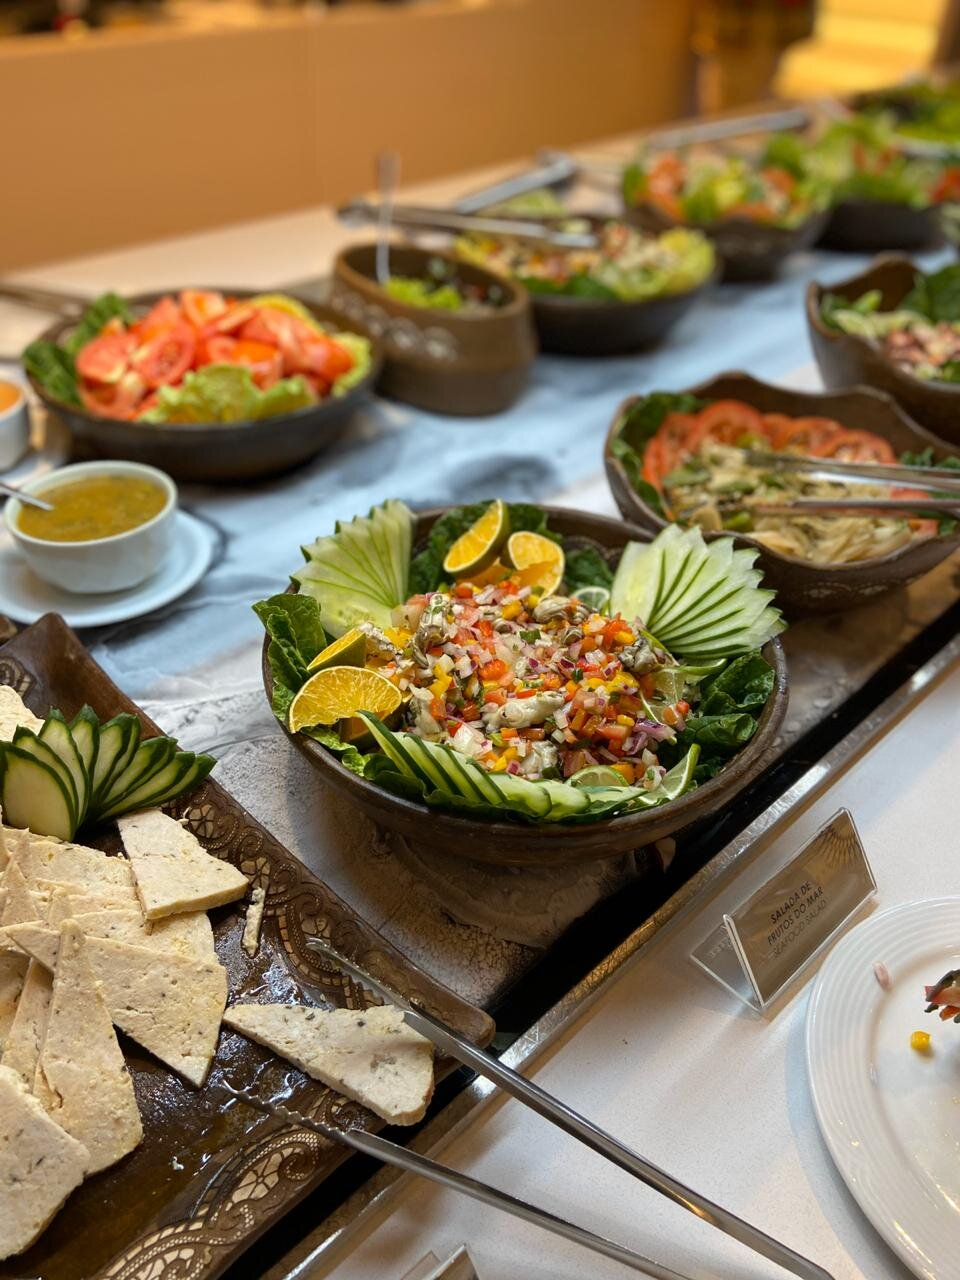 Restaurante Mucuripe, do Hotel Gran Marquise, de volta ao Barato com um super buffet aos Domingos! Buffet Sabores do Brasil, livre para 1 pessoa de R$78,10 por R$47